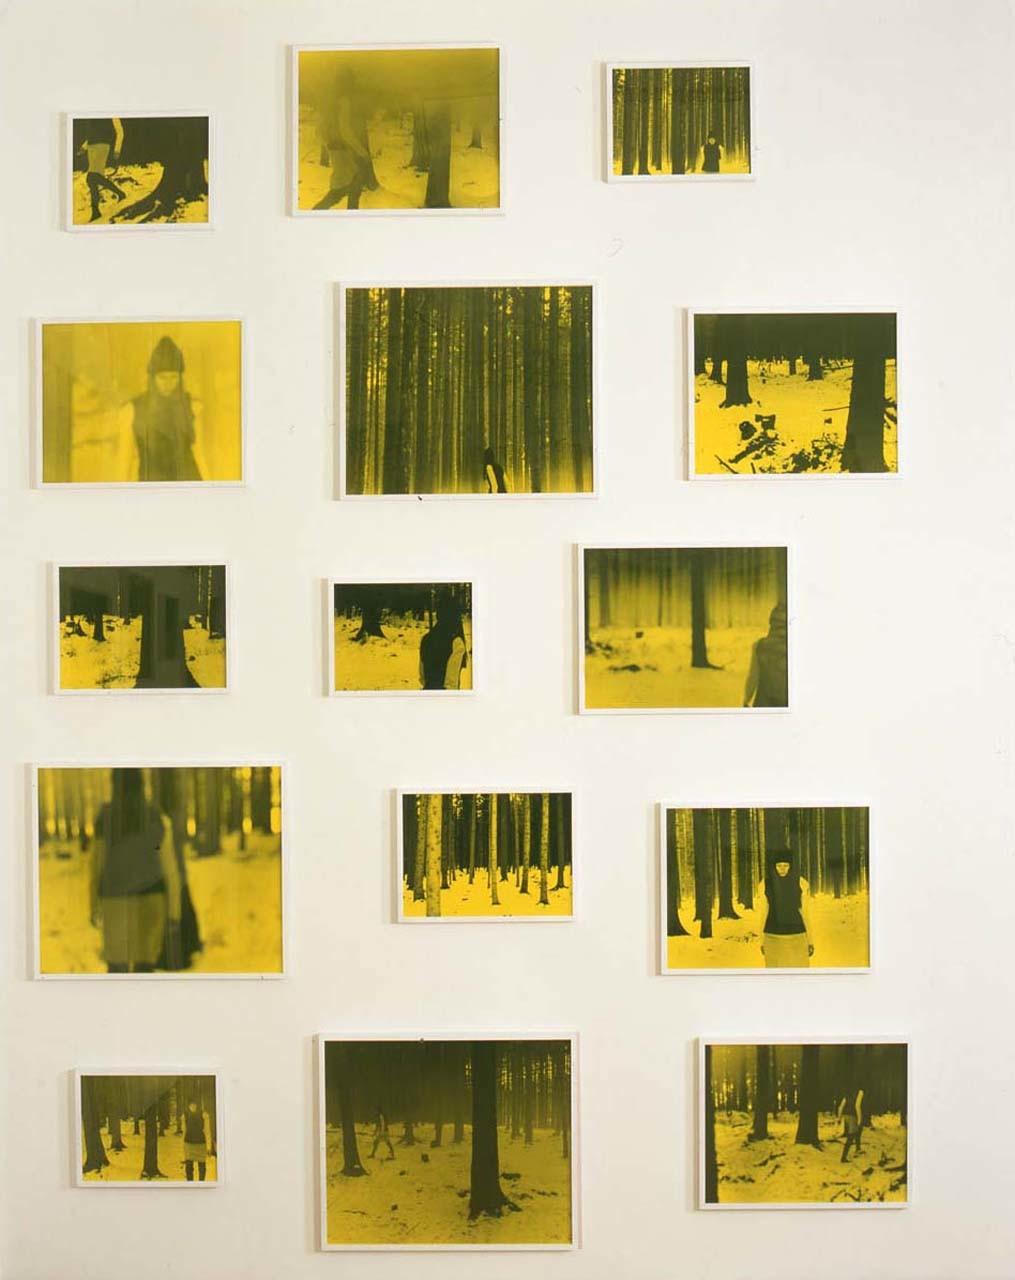 """<div class=""""artwork_caption""""><p>Achtzehnternovemberneunzehnhundertneunundneunzig, 1999</p></div>"""